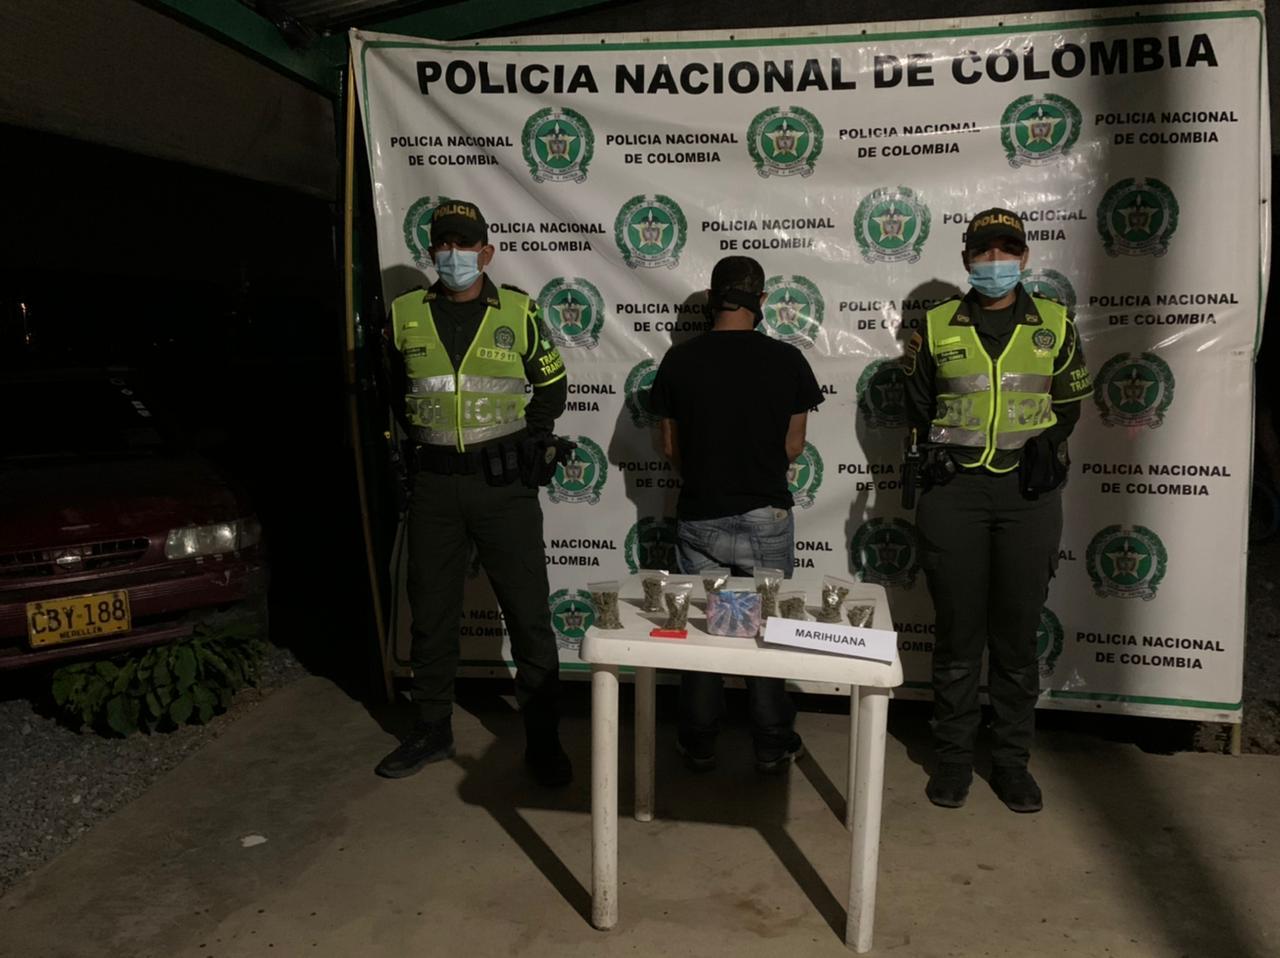 hoyennoticia.com, Capturadas cuatro personas en La Guajira